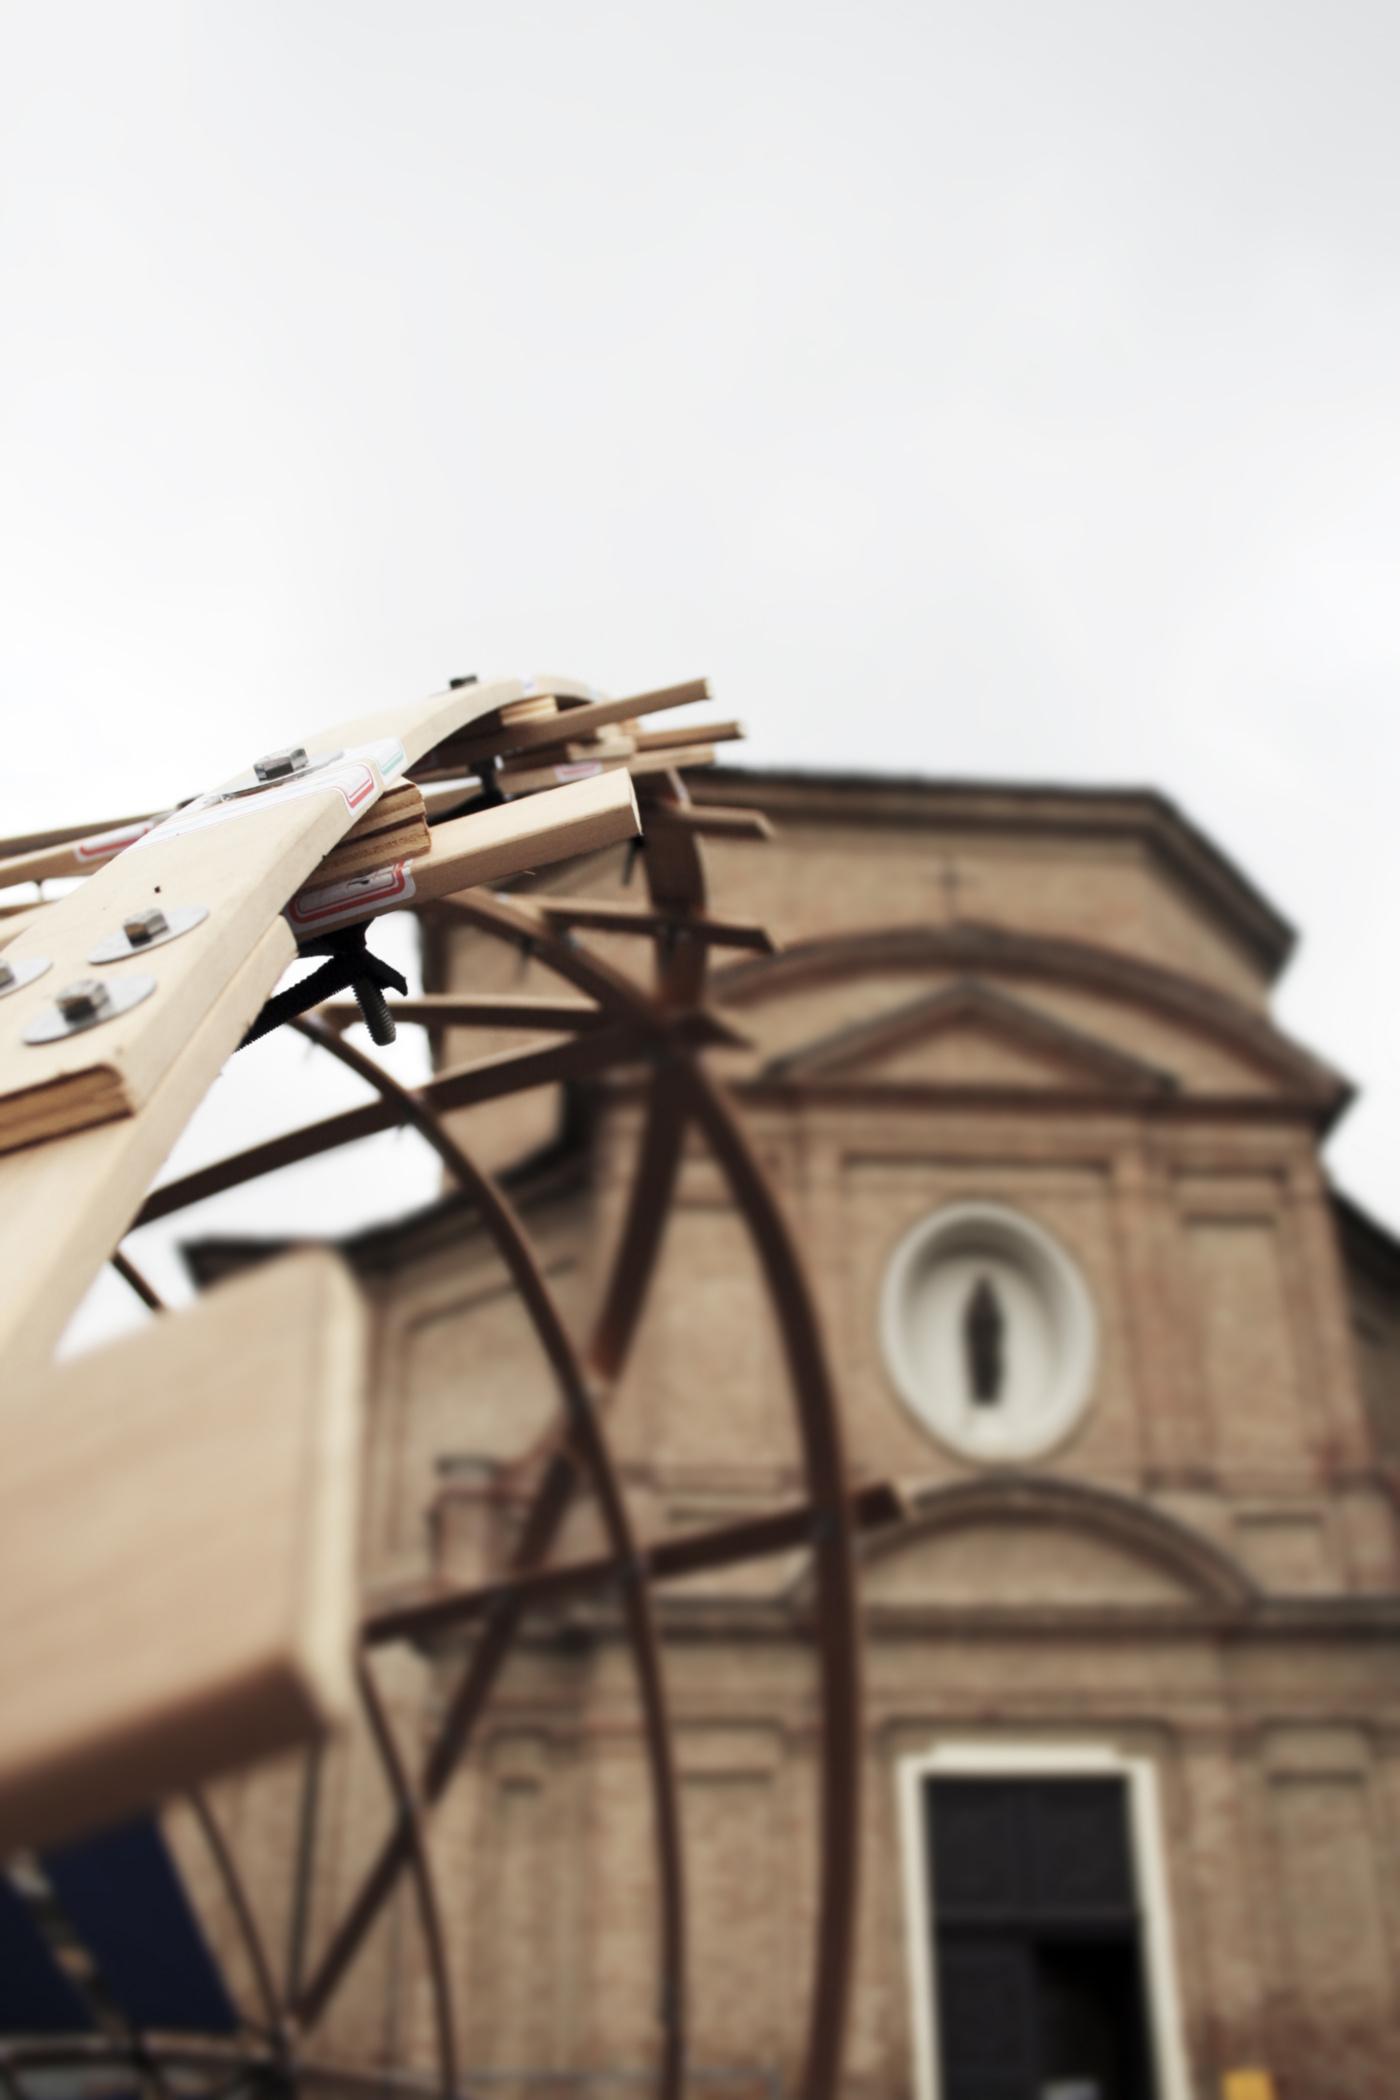 Un padiglione temporaneo sperimentale, con una struttura a gridhsell ibrido che realizza una forma sinuosa, suadente. Il padiglione e la chiesa di Santa Maria della Spina | Bottega di Architettura